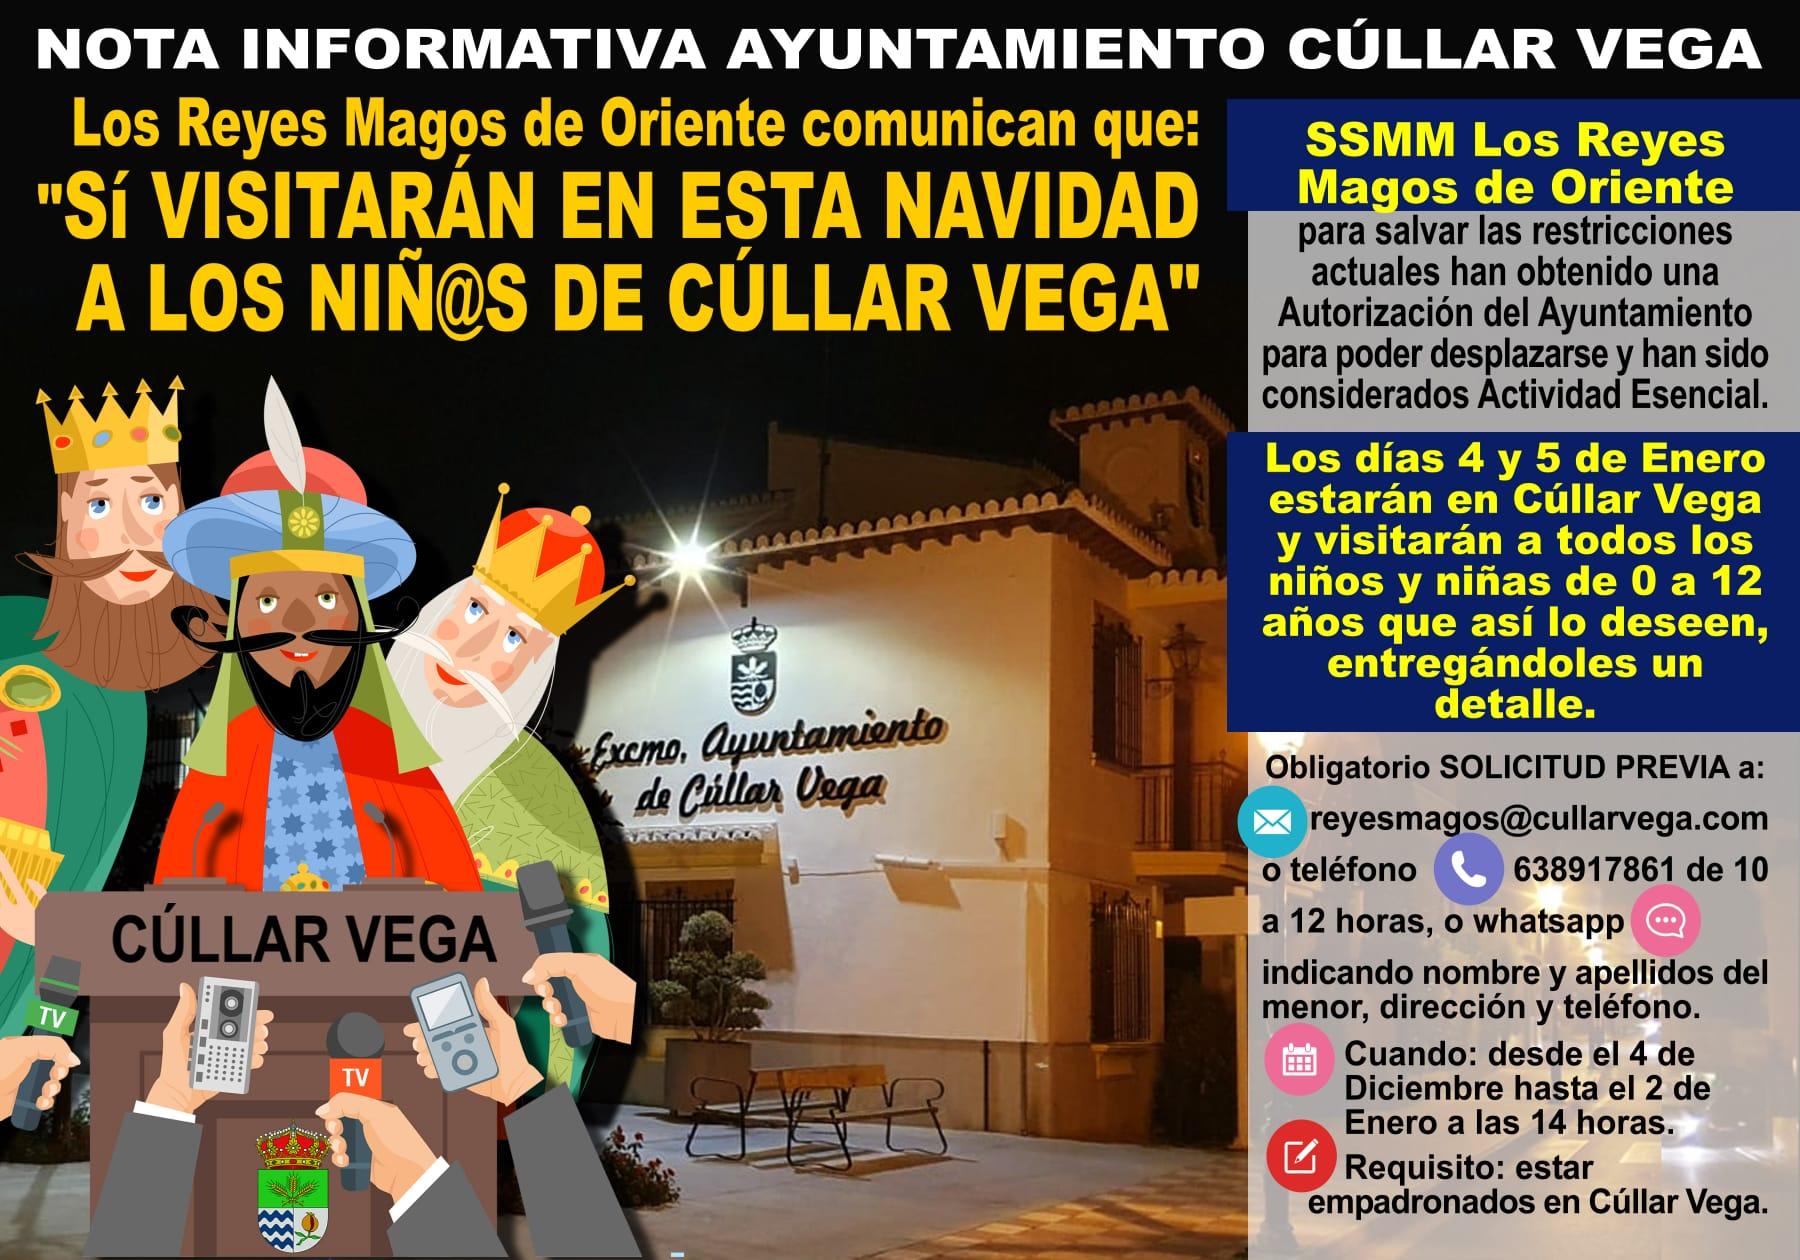 La actividad de los Reyes Magos será considerada como esencial en Cúllar Vega